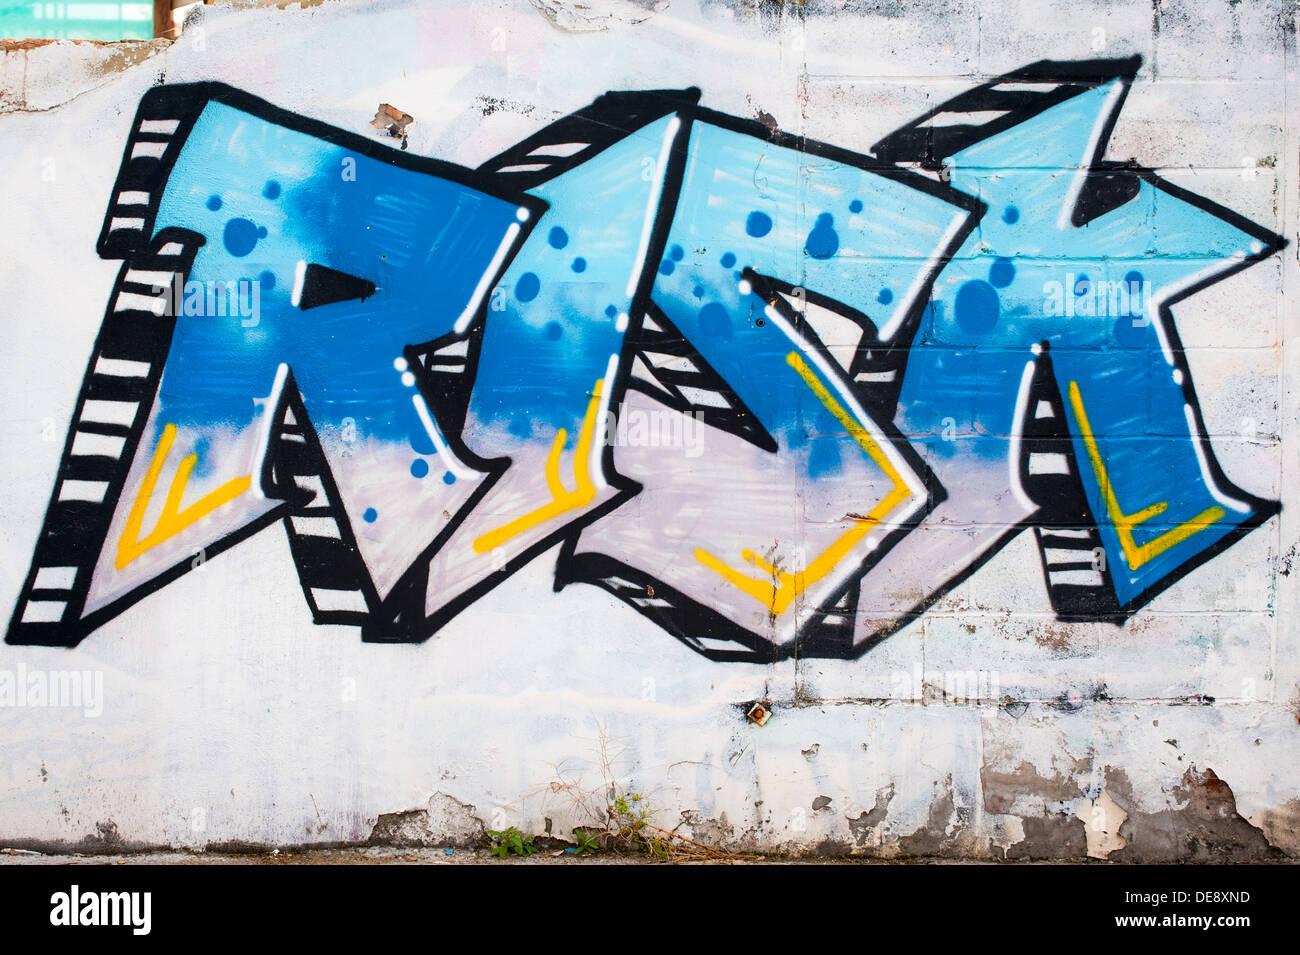 Graffiti Word Art Stock Photos \u0026 Graffiti Word Art Stock